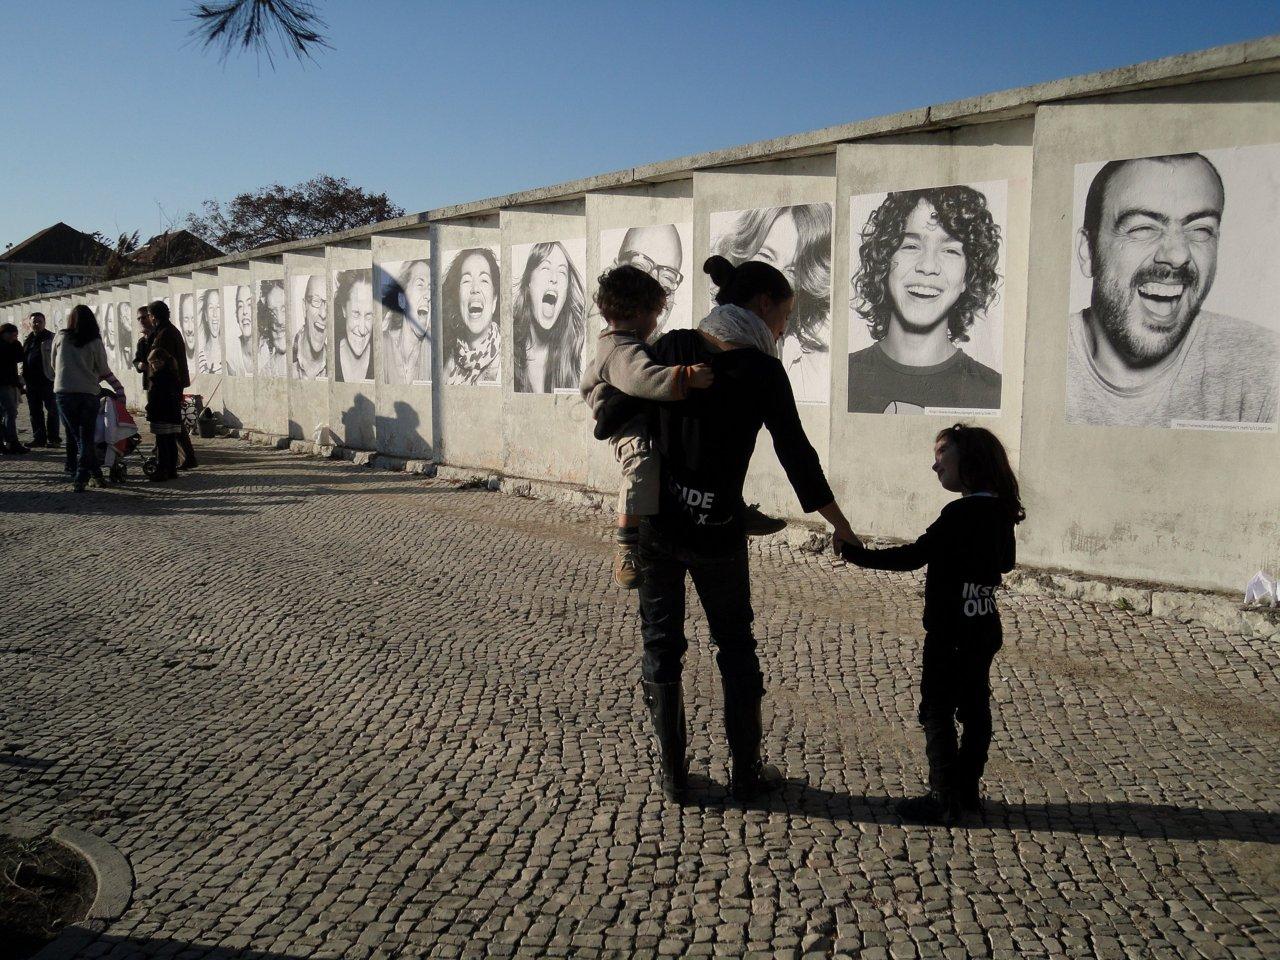 Projeto INSIDE OUT.Já está naAvenida da Índia. Lisboa precisa destes sorrisos. E destas histórias. E de pessoas. Muitas pessoas.